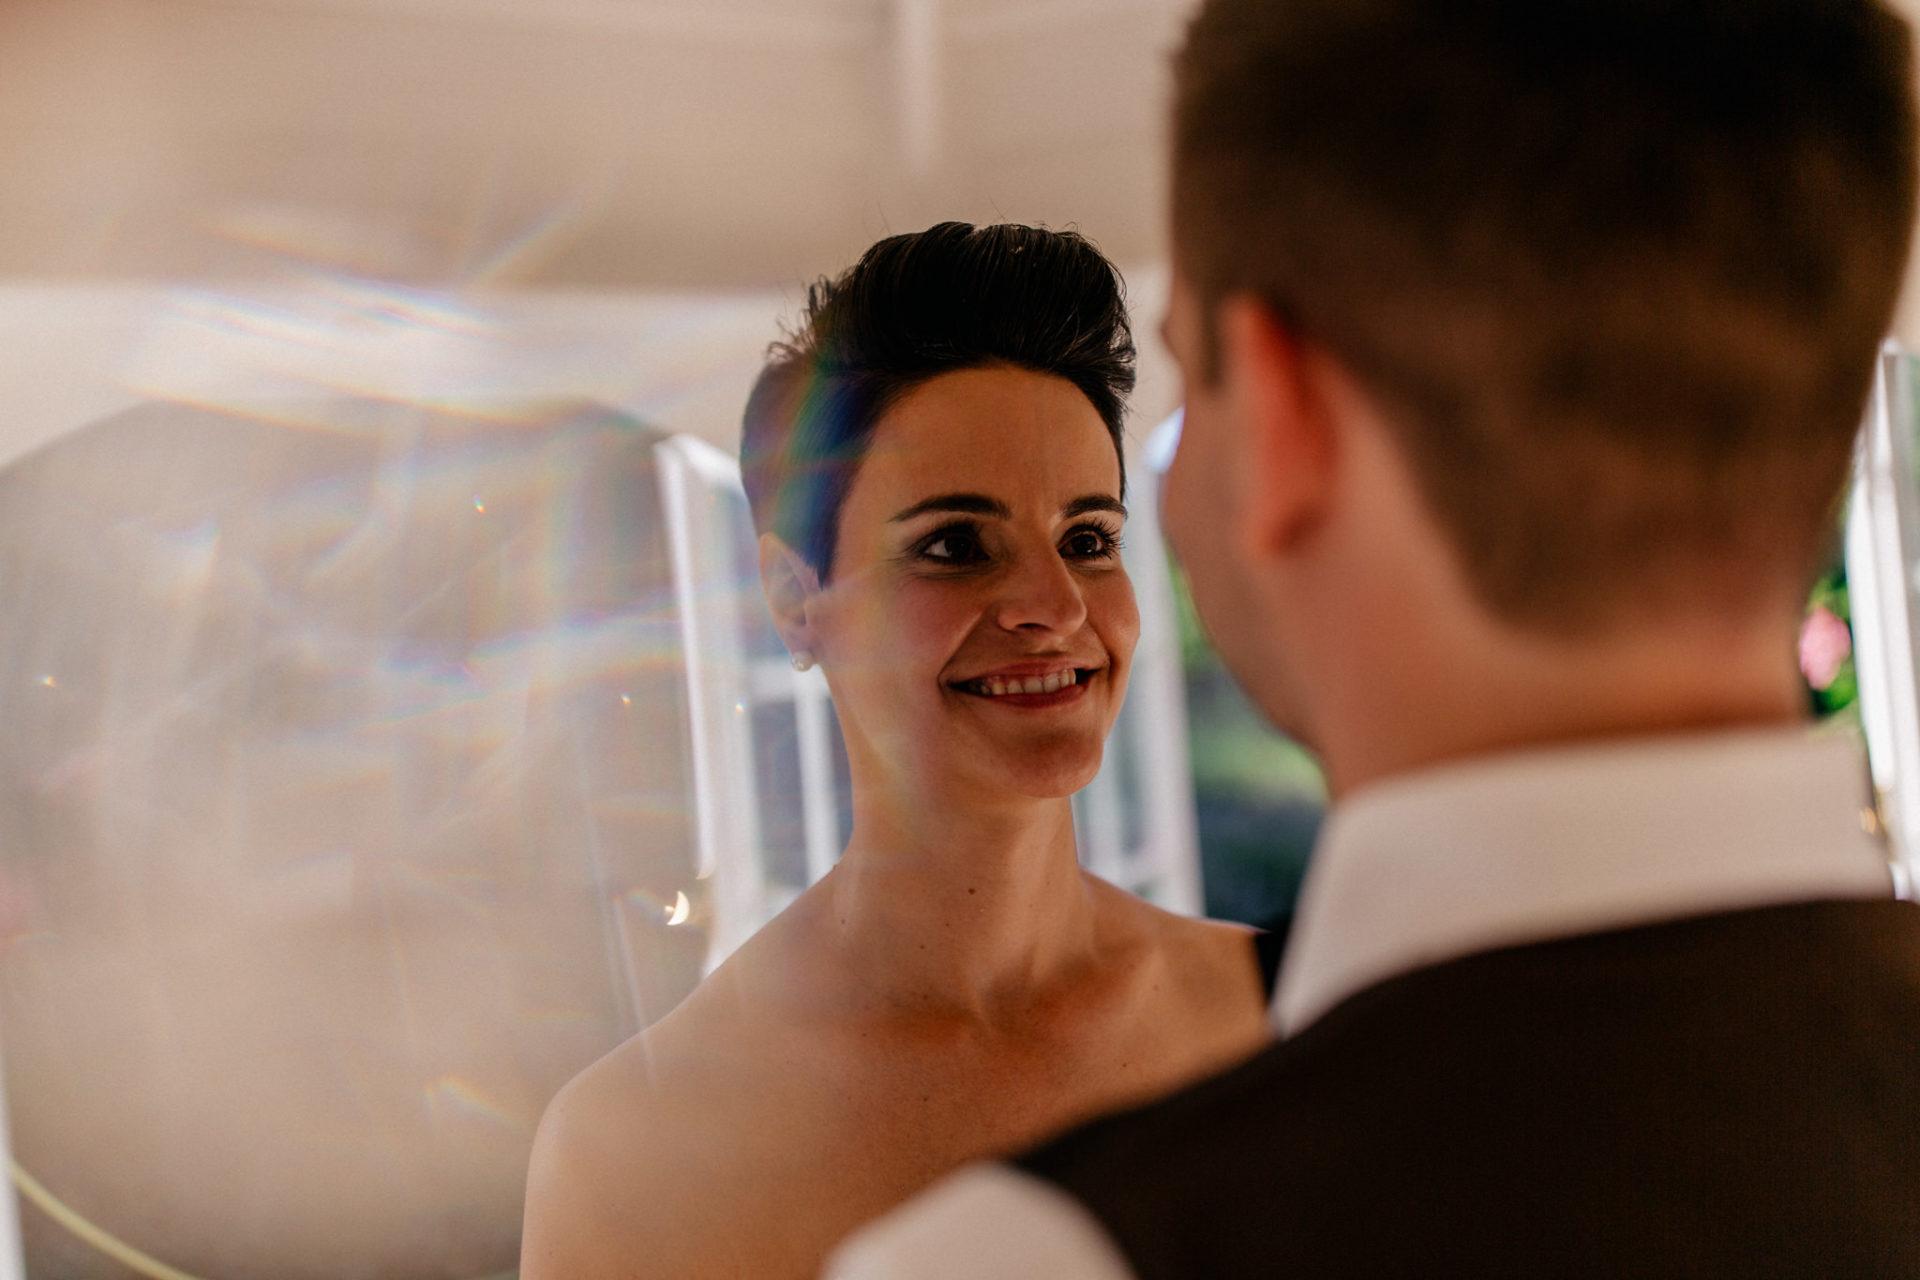 Weingut Fitz Ritter Hochzeitsfotograf-heiraten Pfalz-Sommerhochzeit Braut und Bräutigam Pavilion